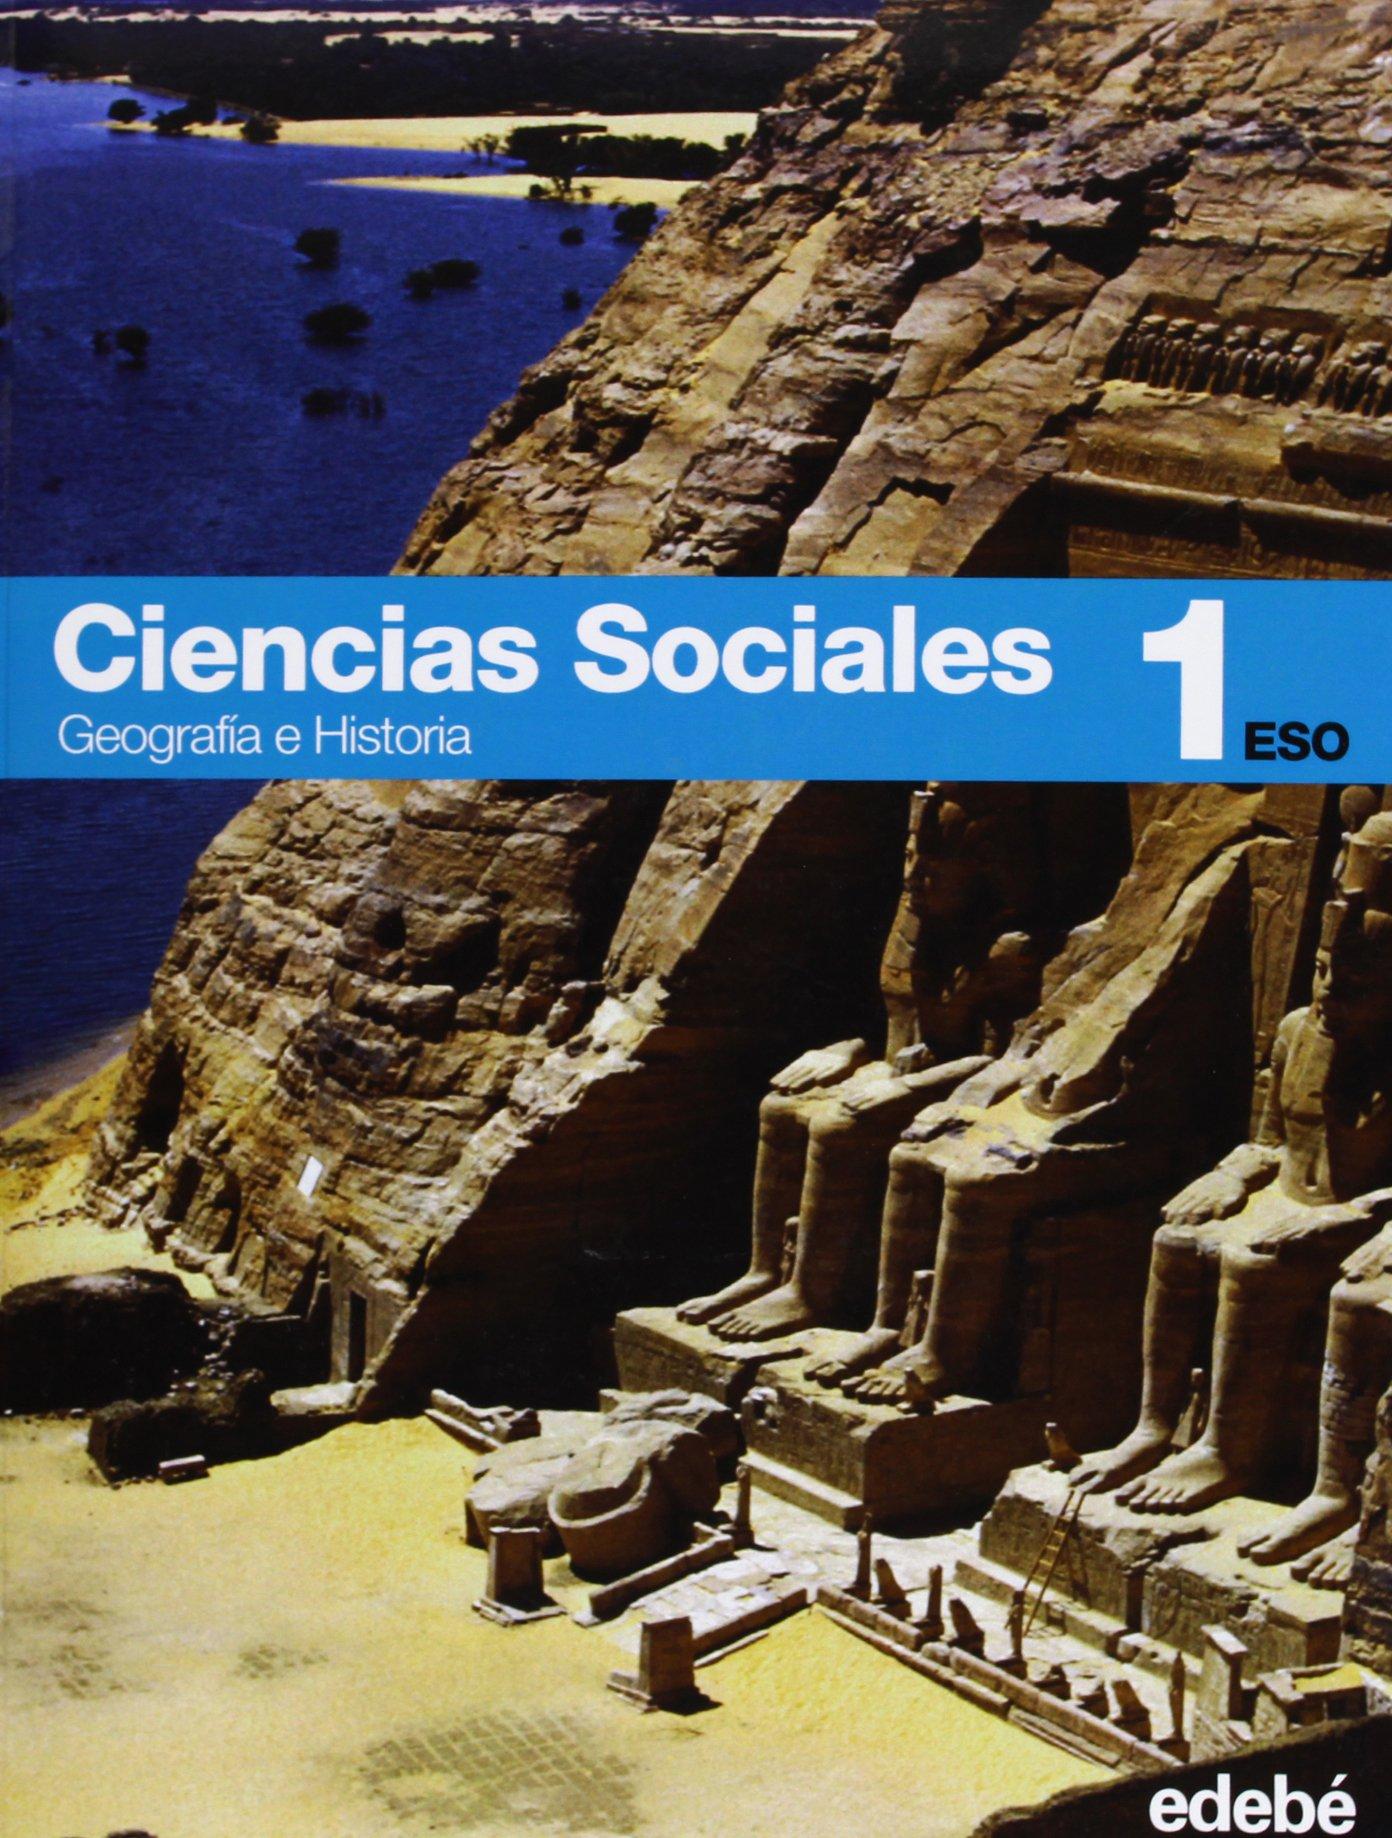 Ciencias Sociales. Geografía E Historia. 1º ESO - Edición 2007: Amazon.es: Edebé: Libros